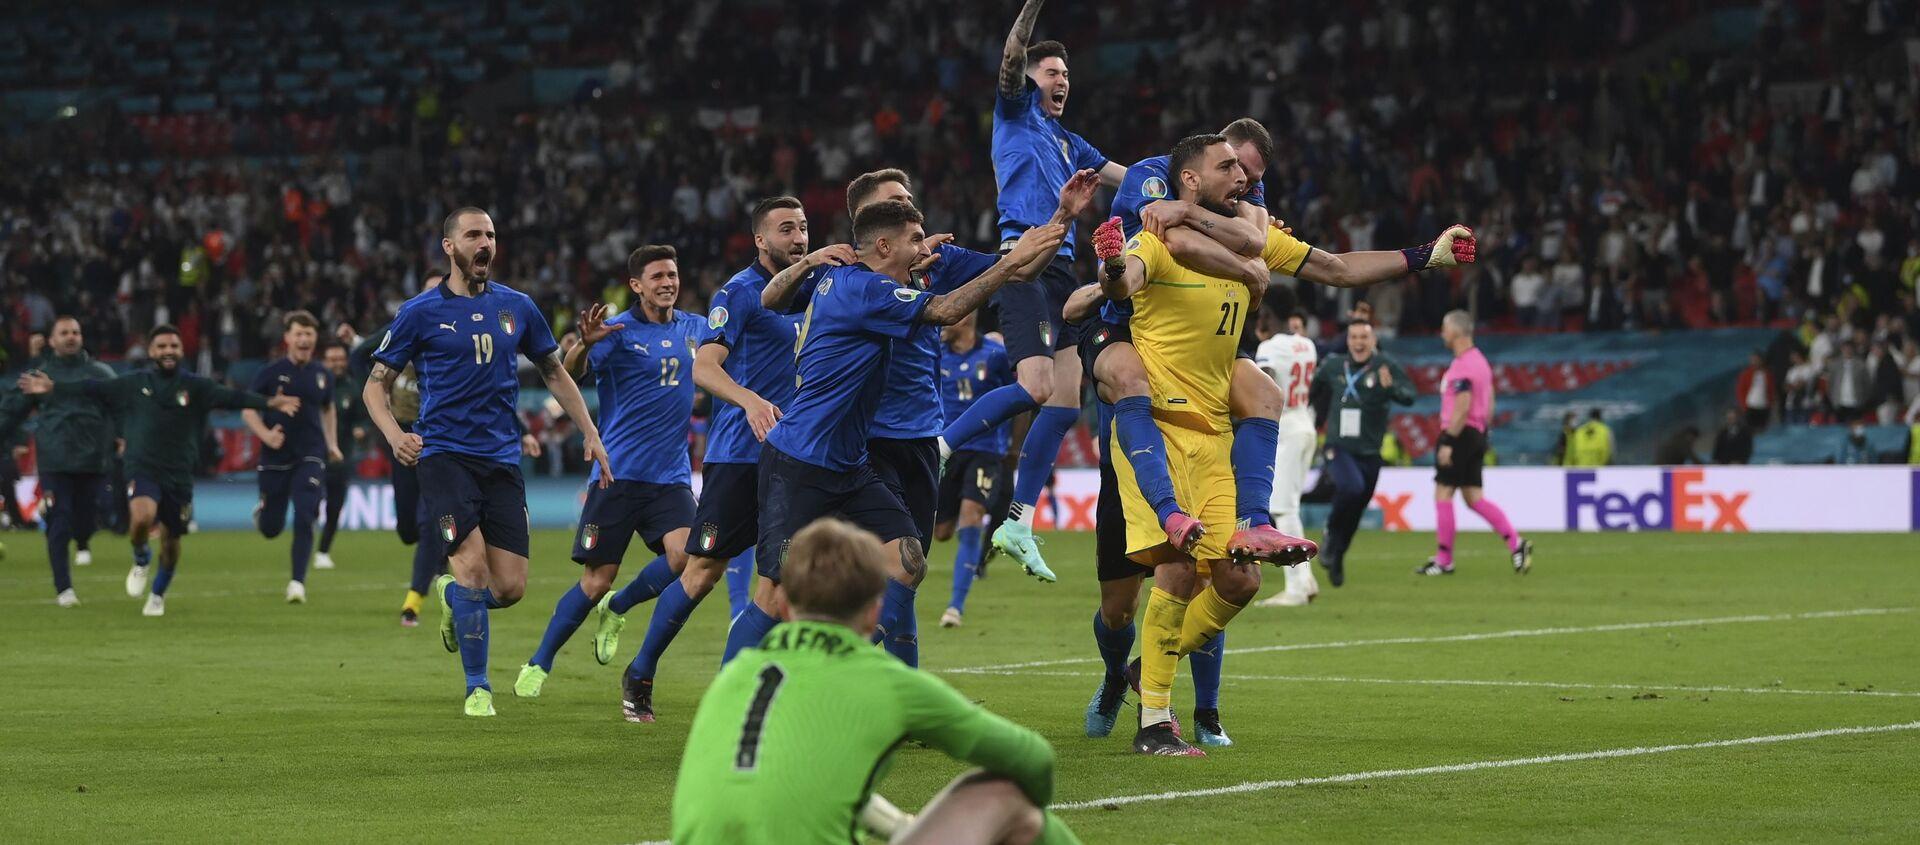 Trận chung kết của Giải Vô địch Bóng đá châu Âu EURO 2020 - Sputnik Việt Nam, 1920, 12.07.2021